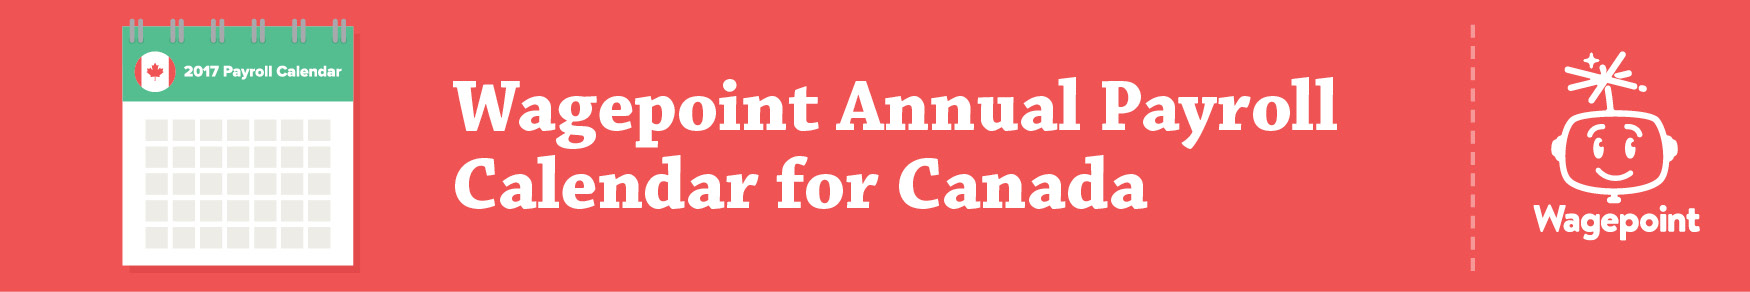 wagepoint canada calendar banner